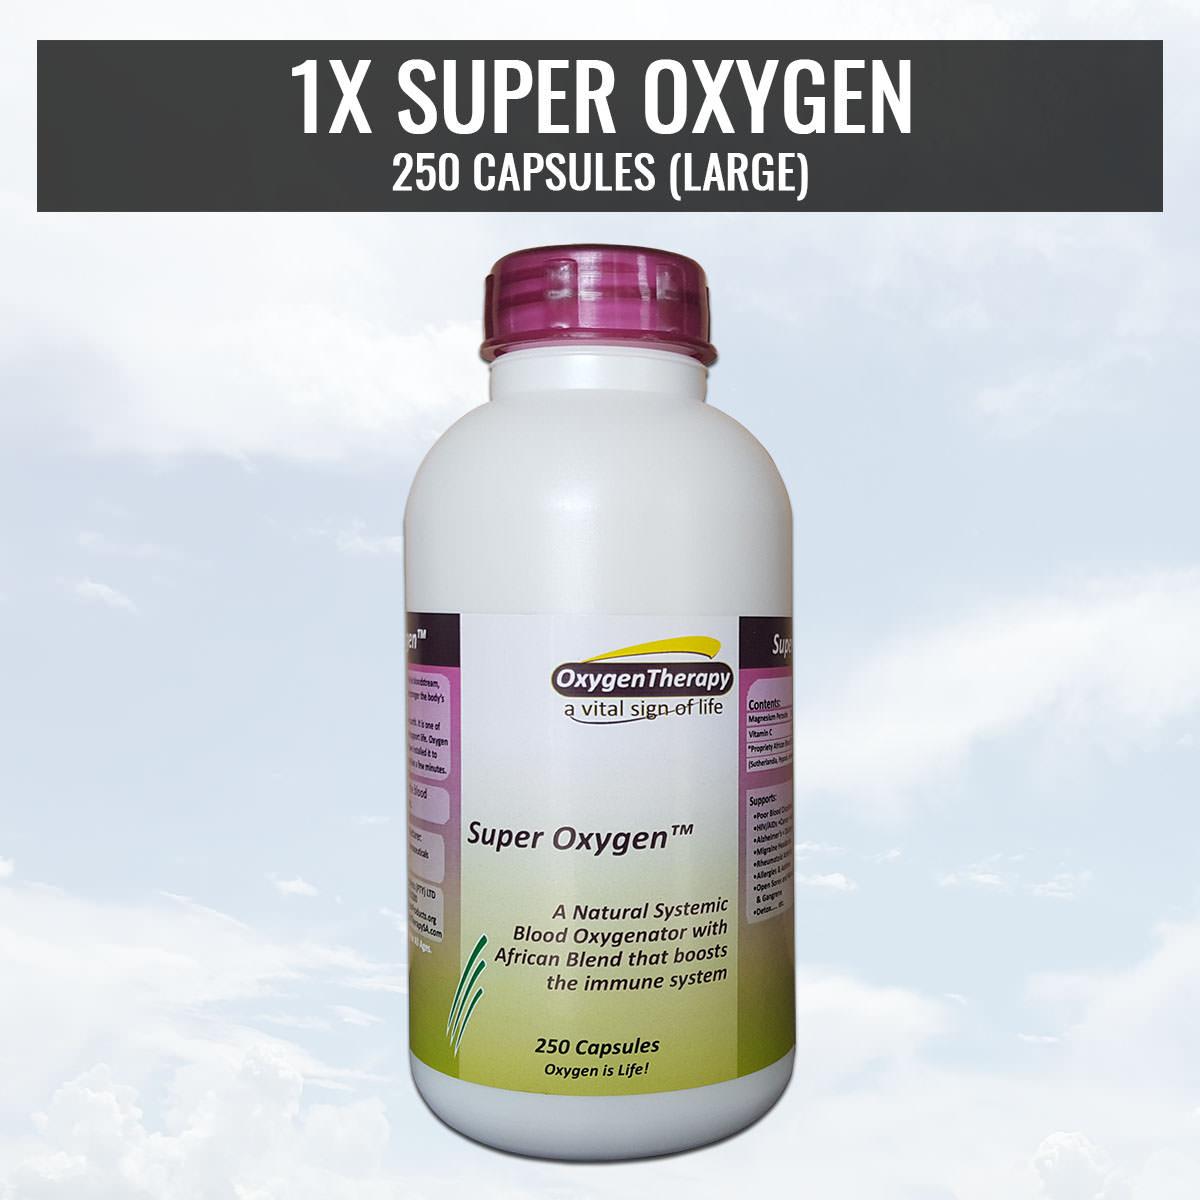 OP - 1X Super Oxygen Large Store Image